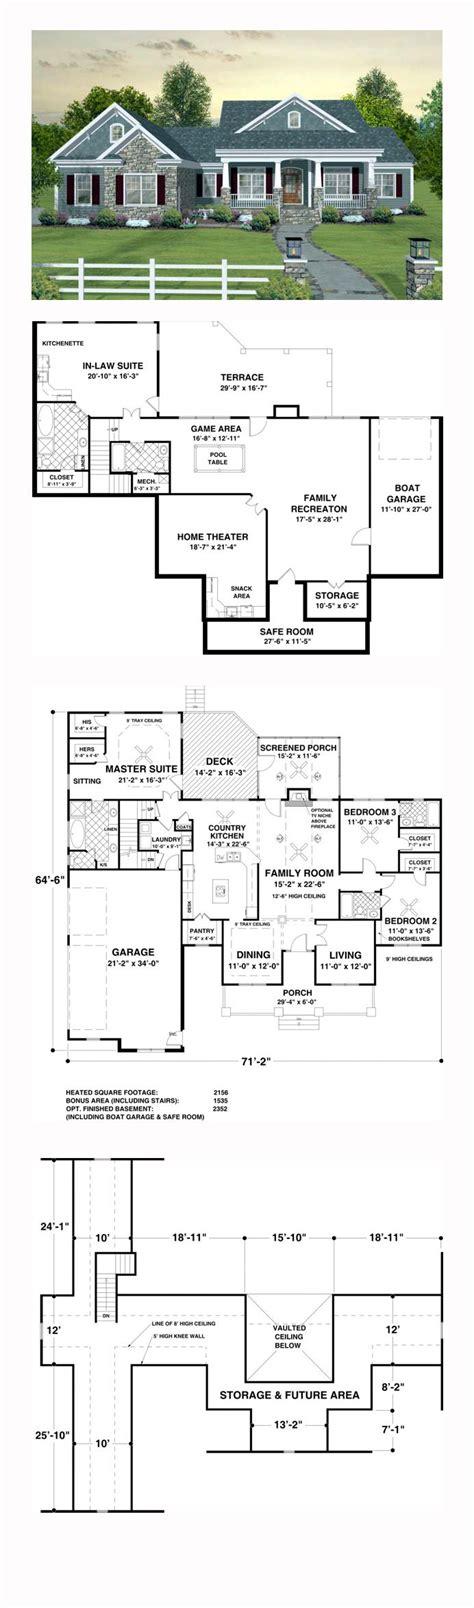 Basement Apartment Plans 17 Amazing Basement Apartment Floor Plans Home Design Ideas